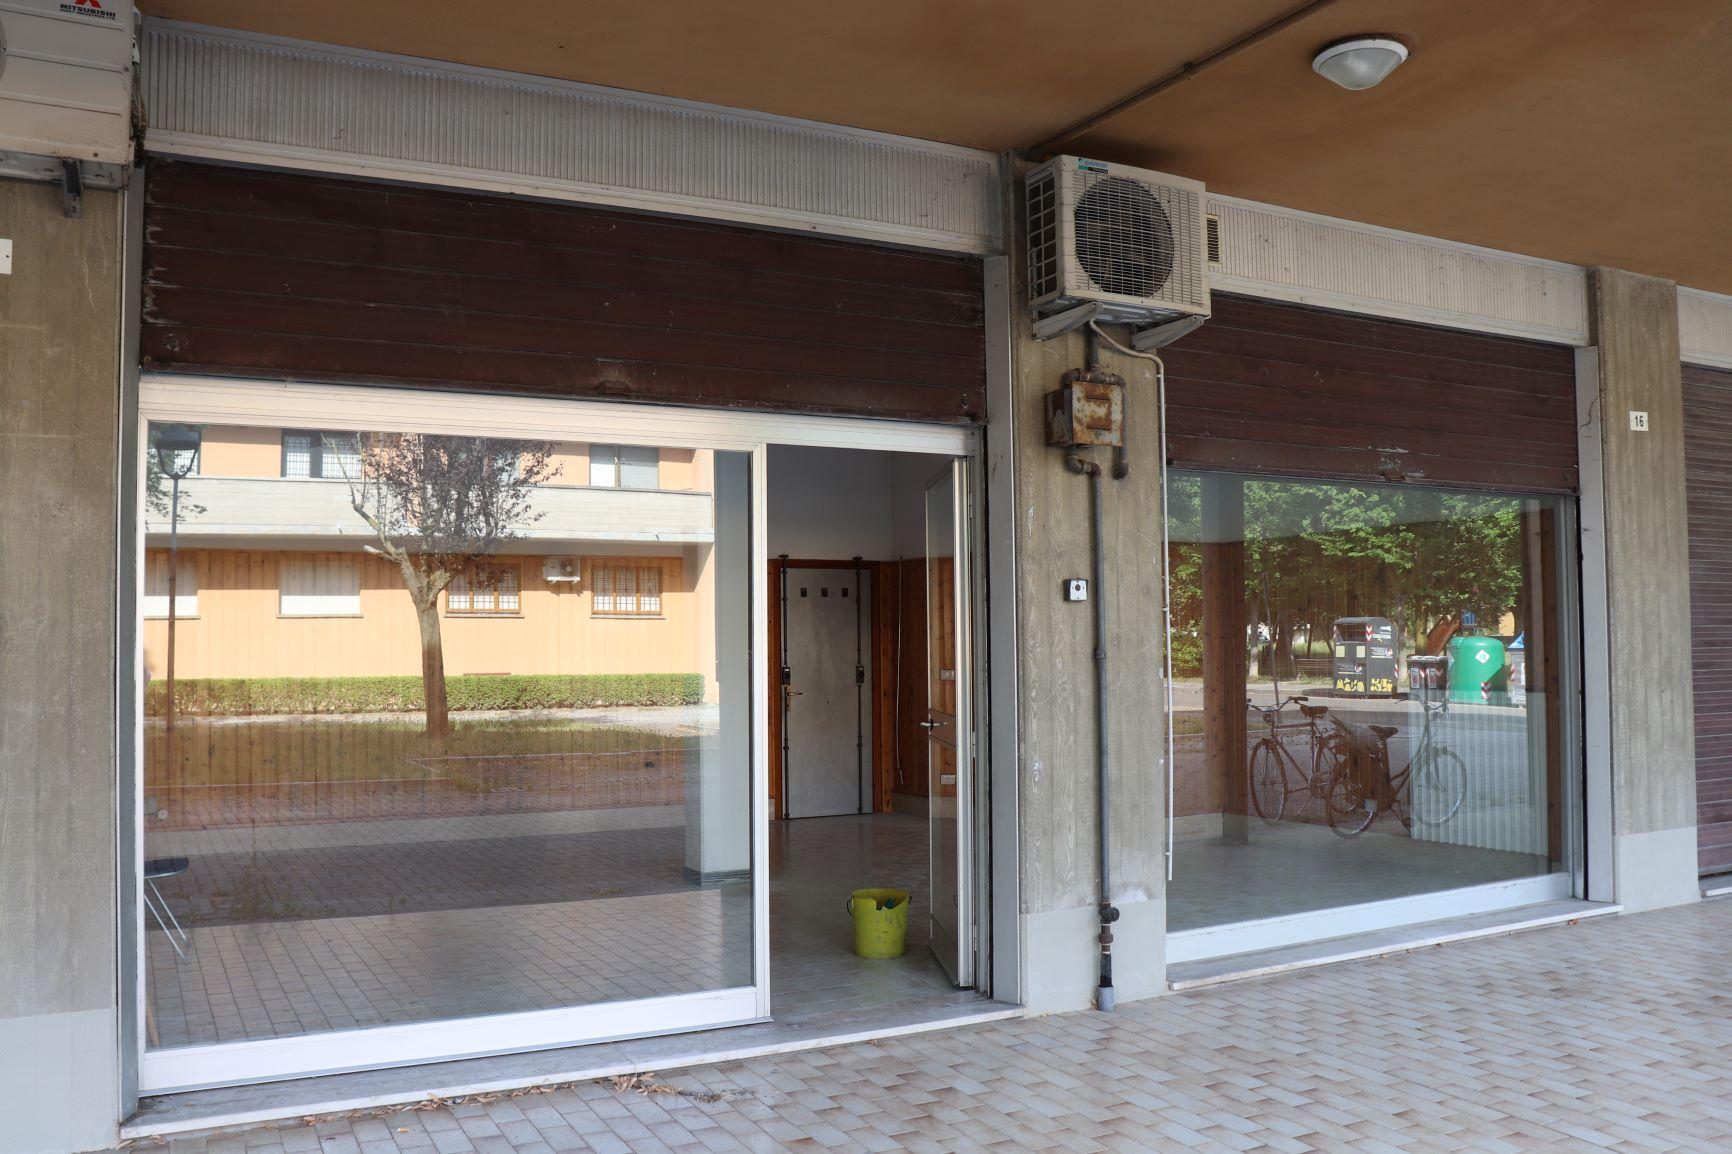 Ufficio/negozio in vendita a Budrio